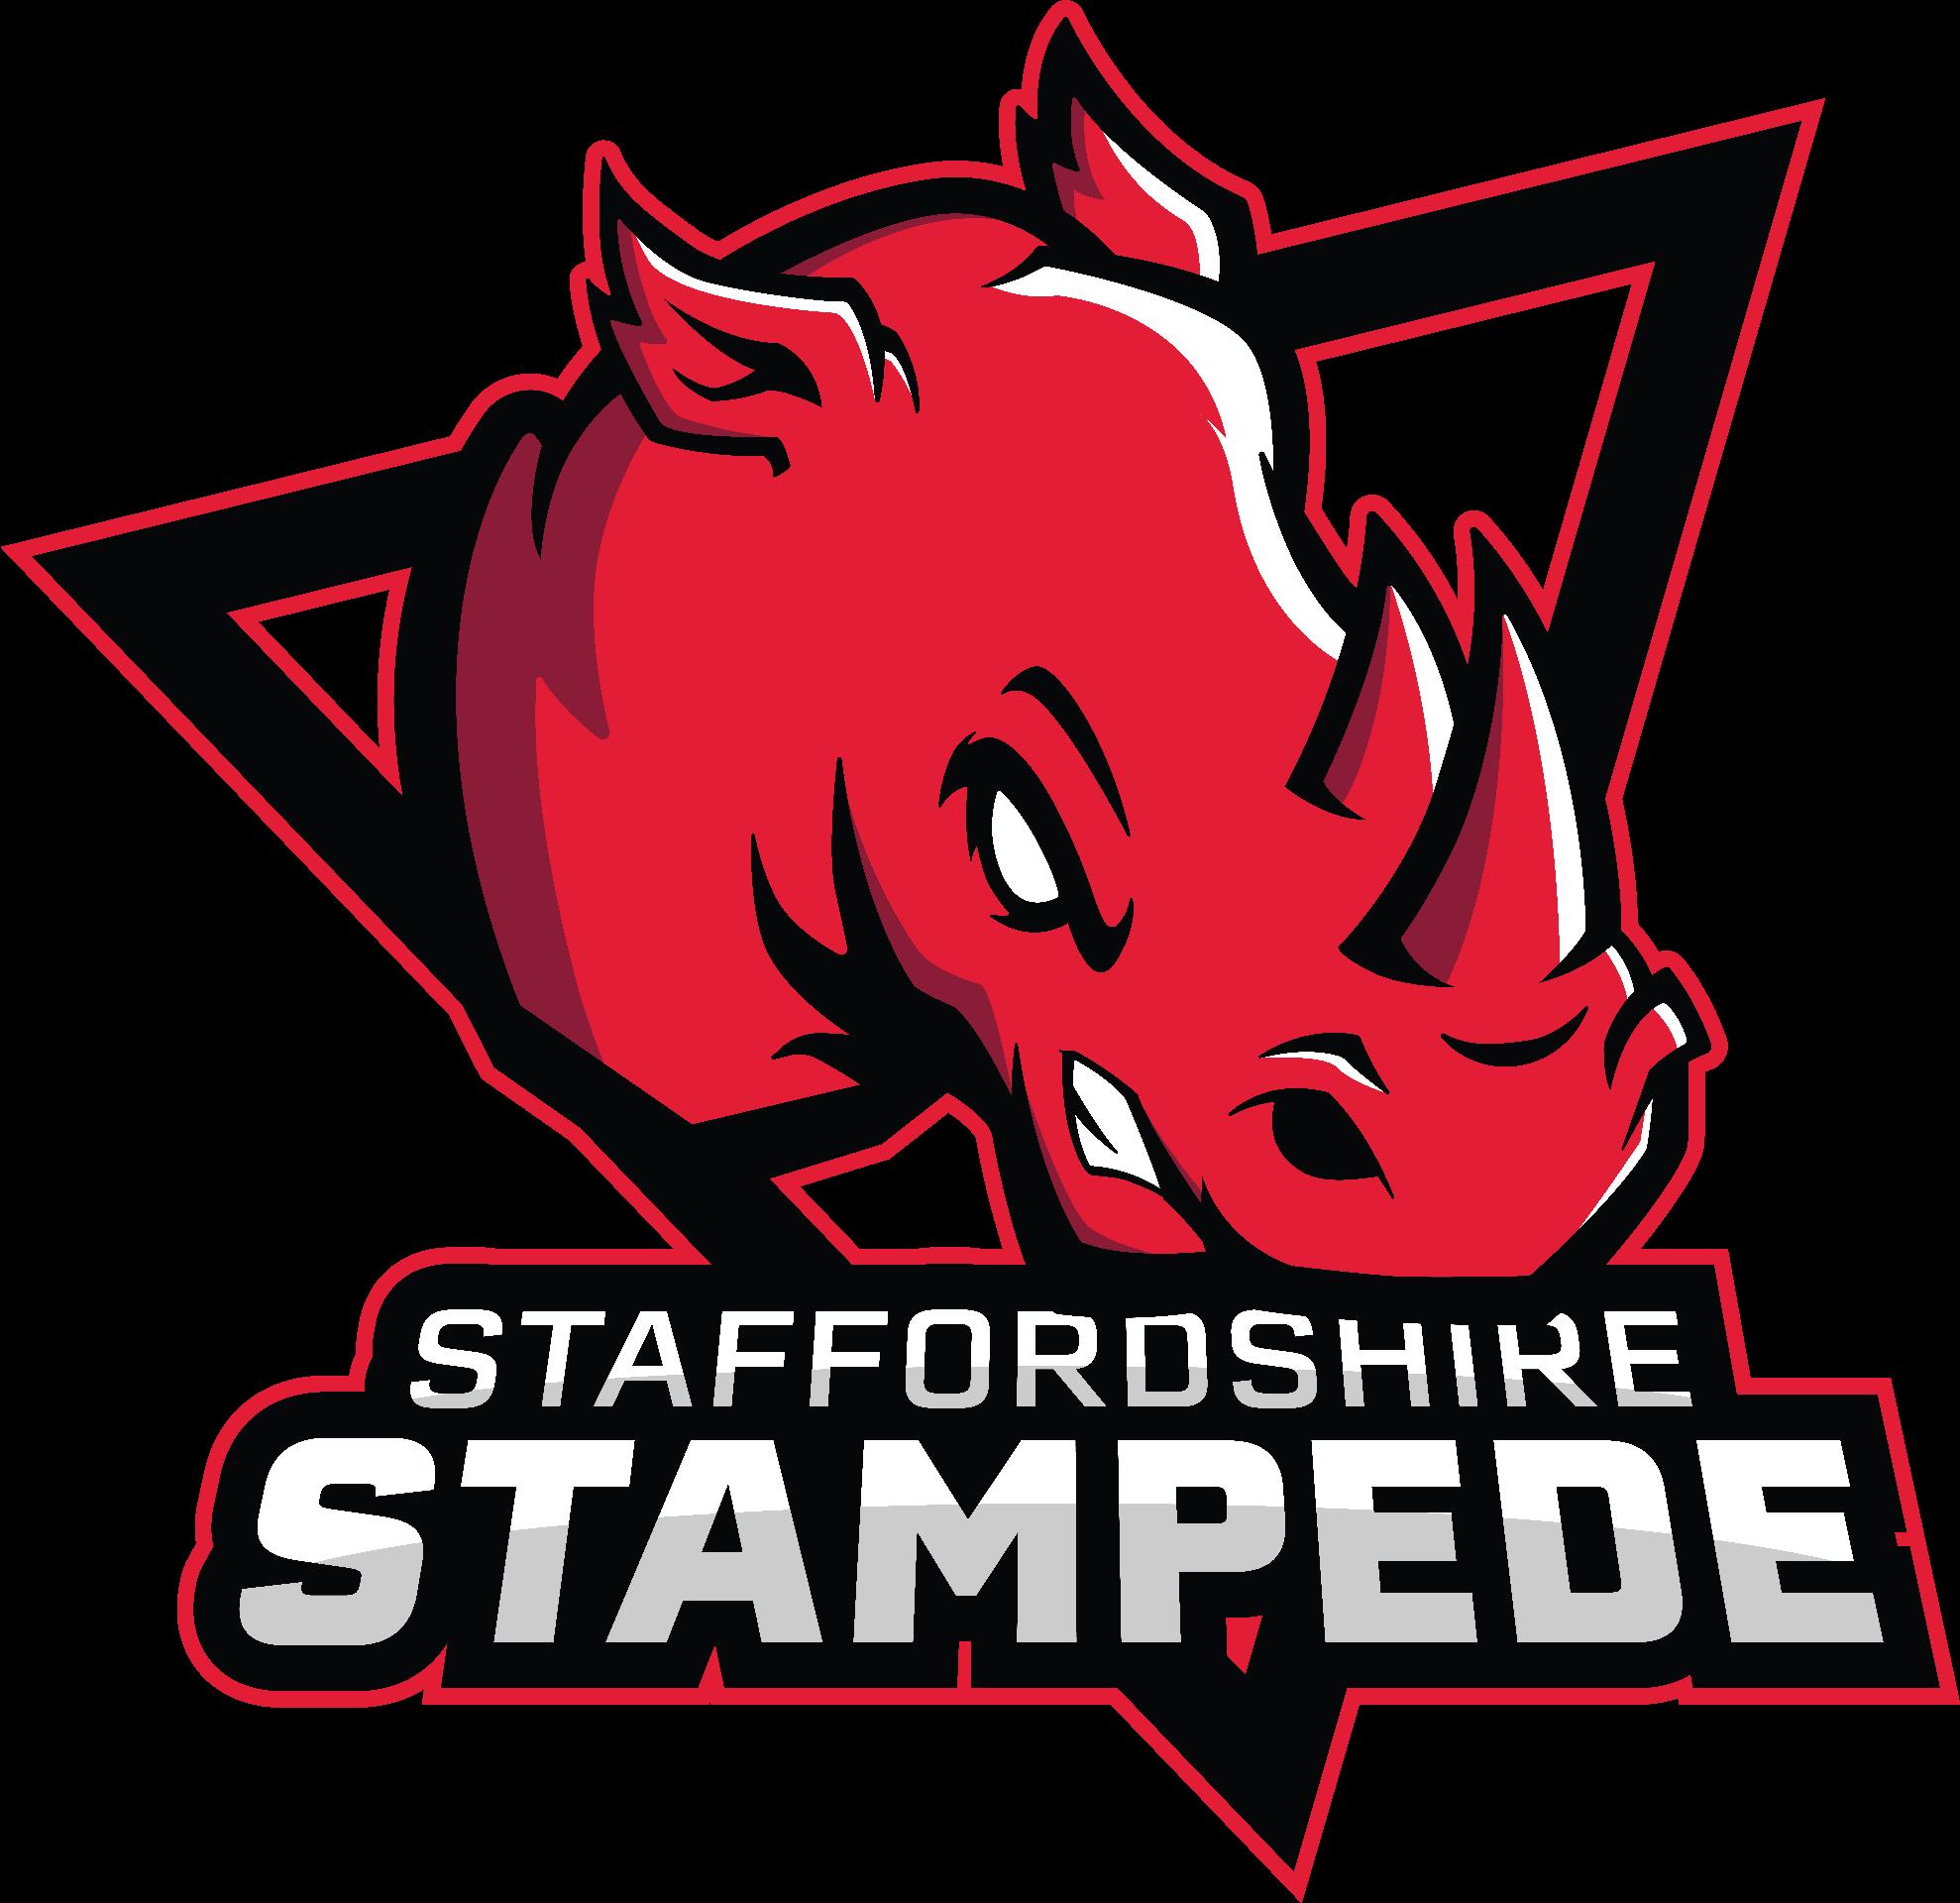 Staffordshire Stampede